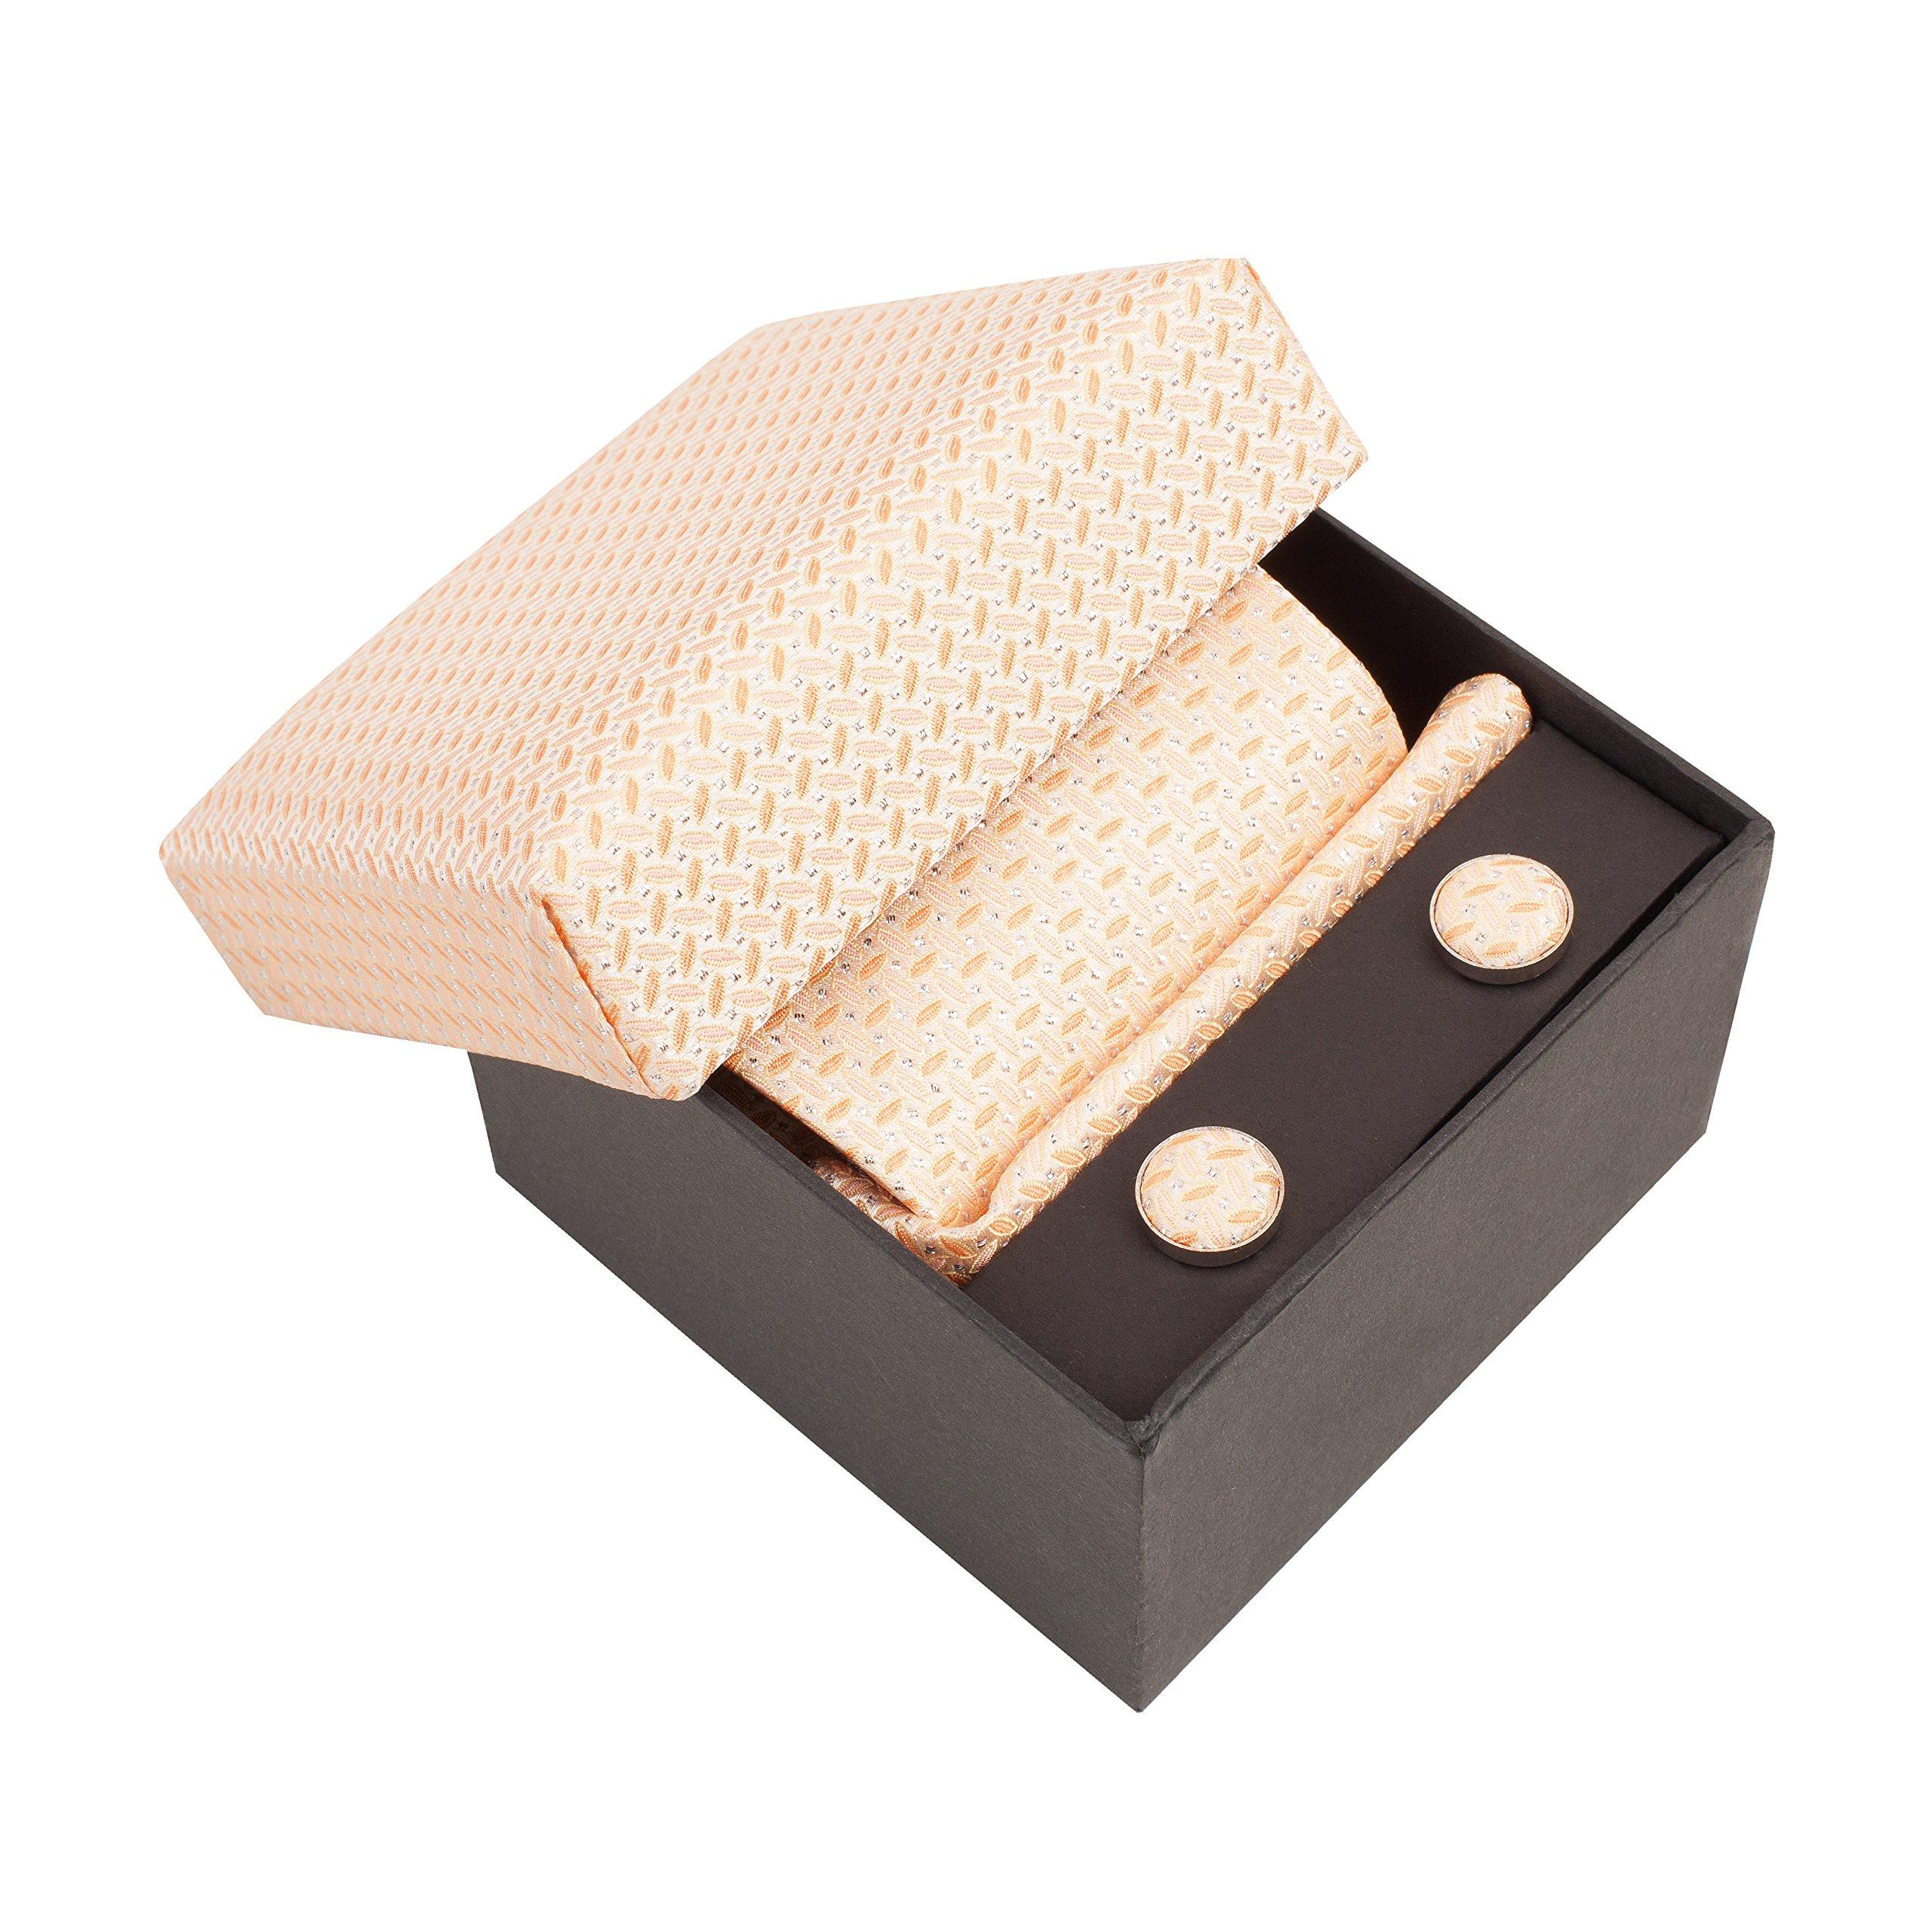 BTIE-025 Luxury Gift Box- Silk Tie, Handkerchief, Cufflinks- Peach